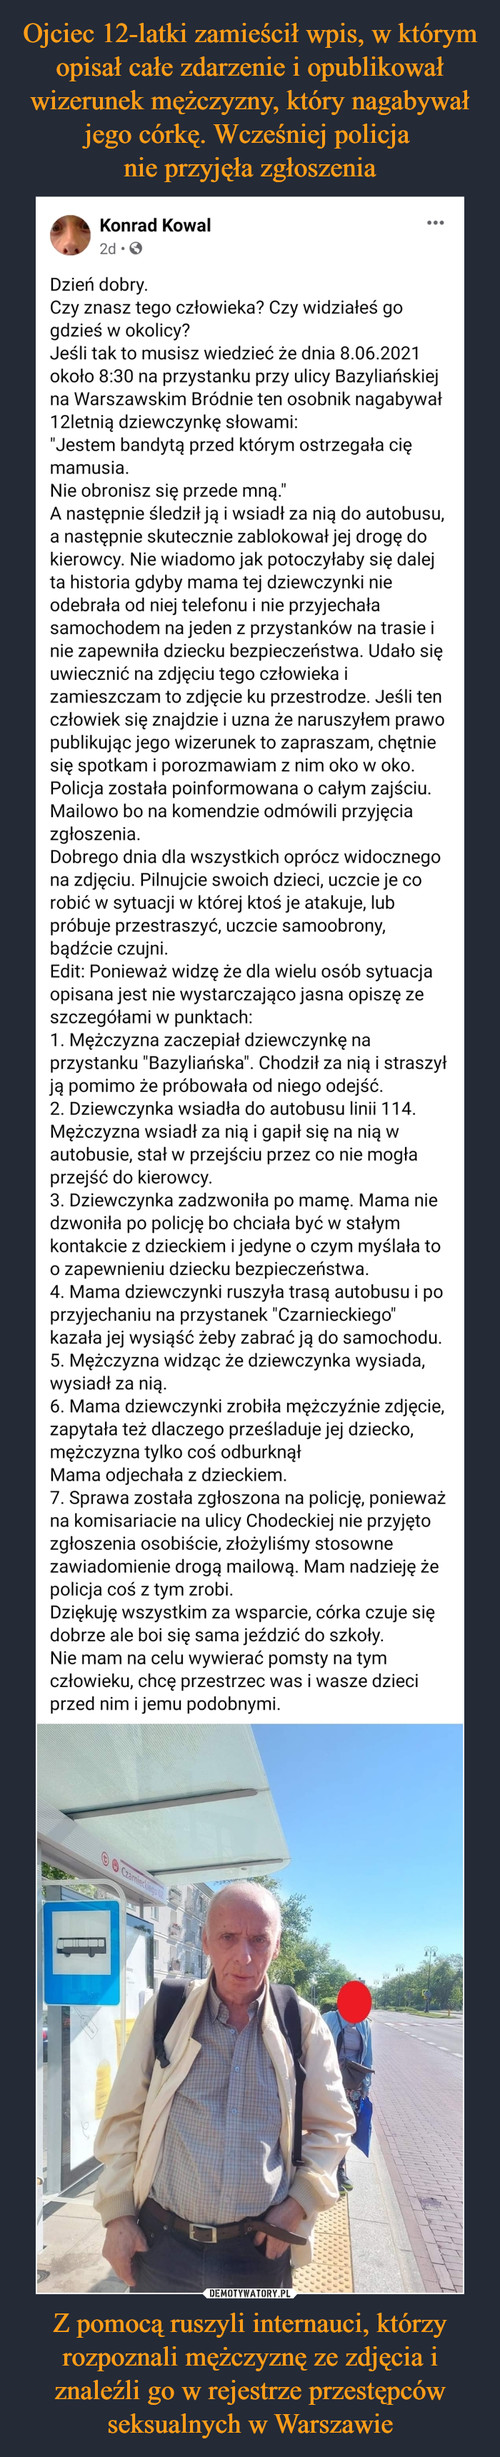 Ojciec 12-latki zamieścił wpis, w którym opisał całe zdarzenie i opublikował wizerunek mężczyzny, który nagabywał jego córkę. Wcześniej policja  nie przyjęła zgłoszenia Z pomocą ruszyli internauci, którzy rozpoznali mężczyznę ze zdjęcia i znaleźli go w rejestrze przestępców seksualnych w Warszawie